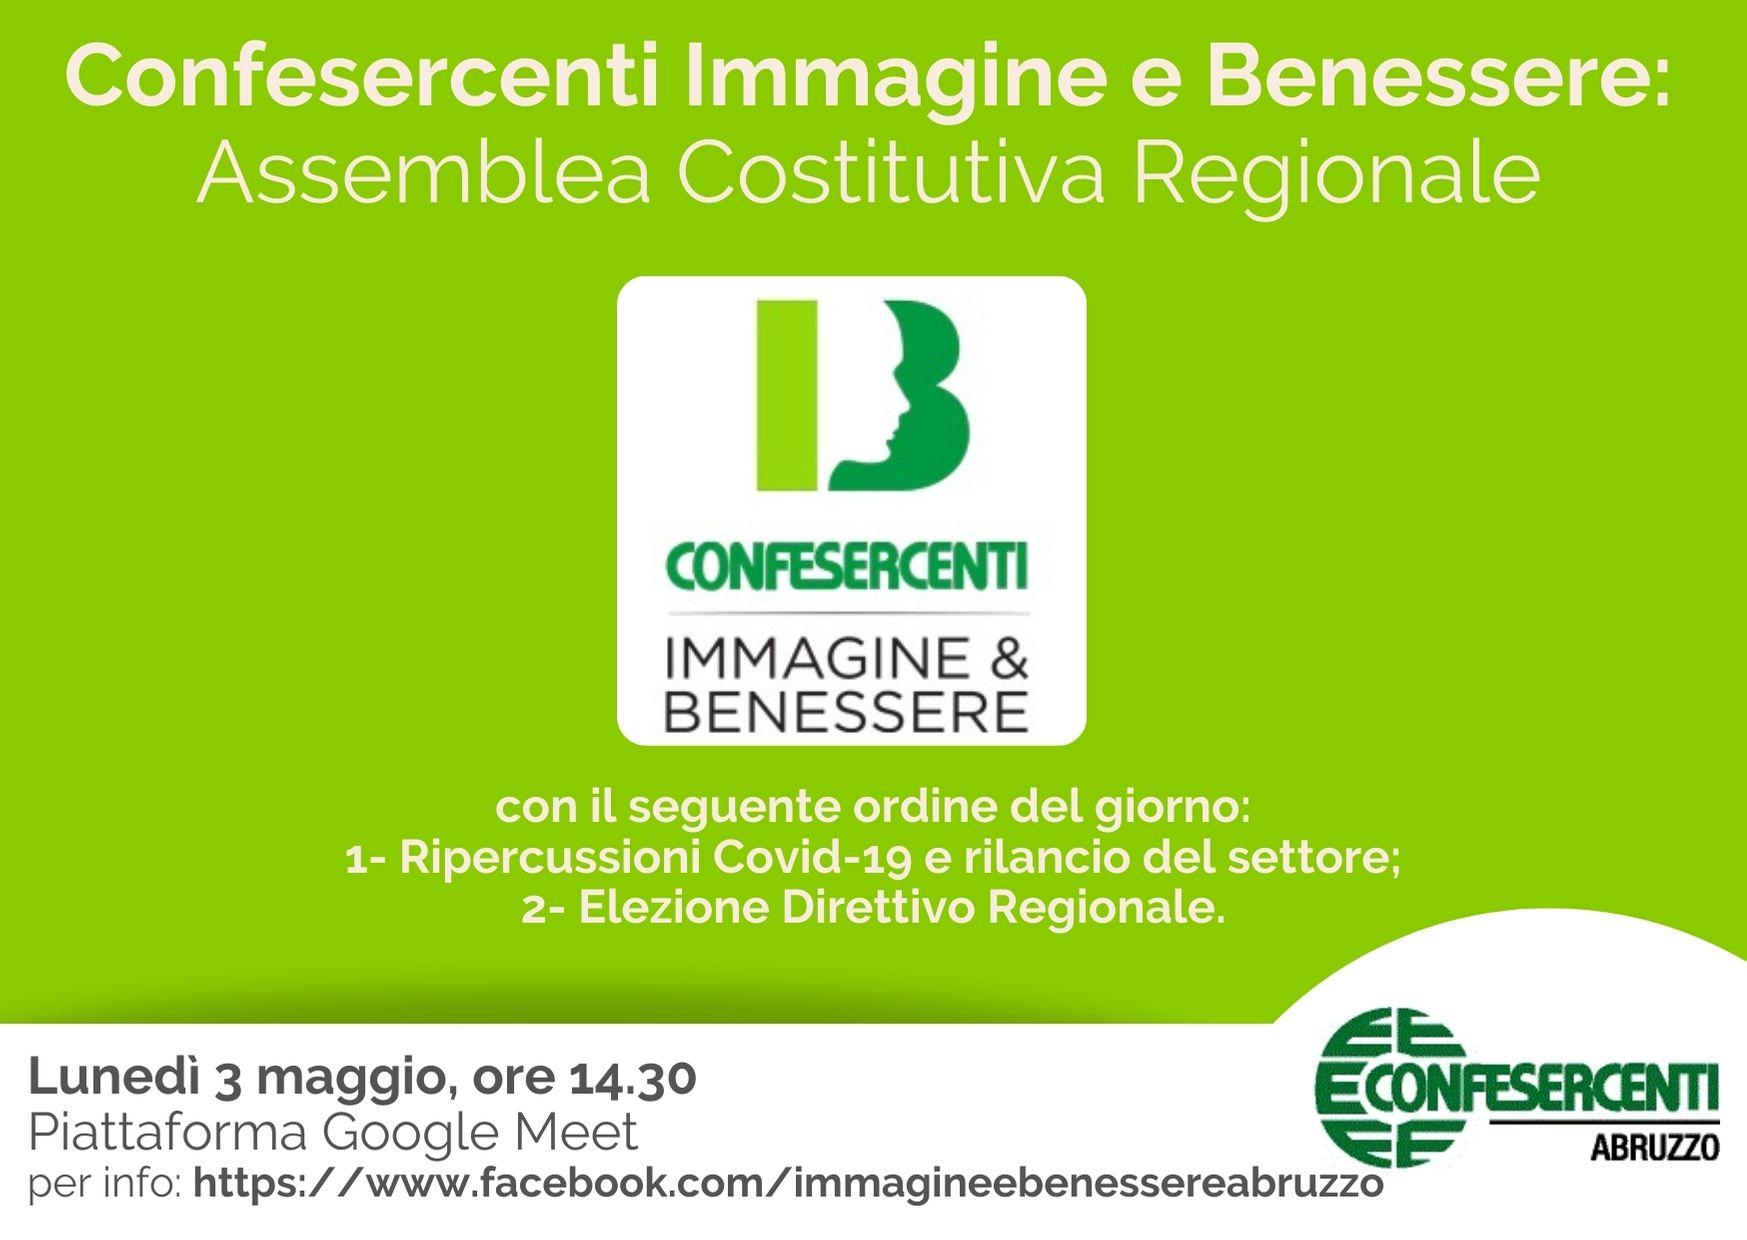 Confesercenti Abruzzo, Immagine e Benessere: Assemblea Costitutiva Regionale